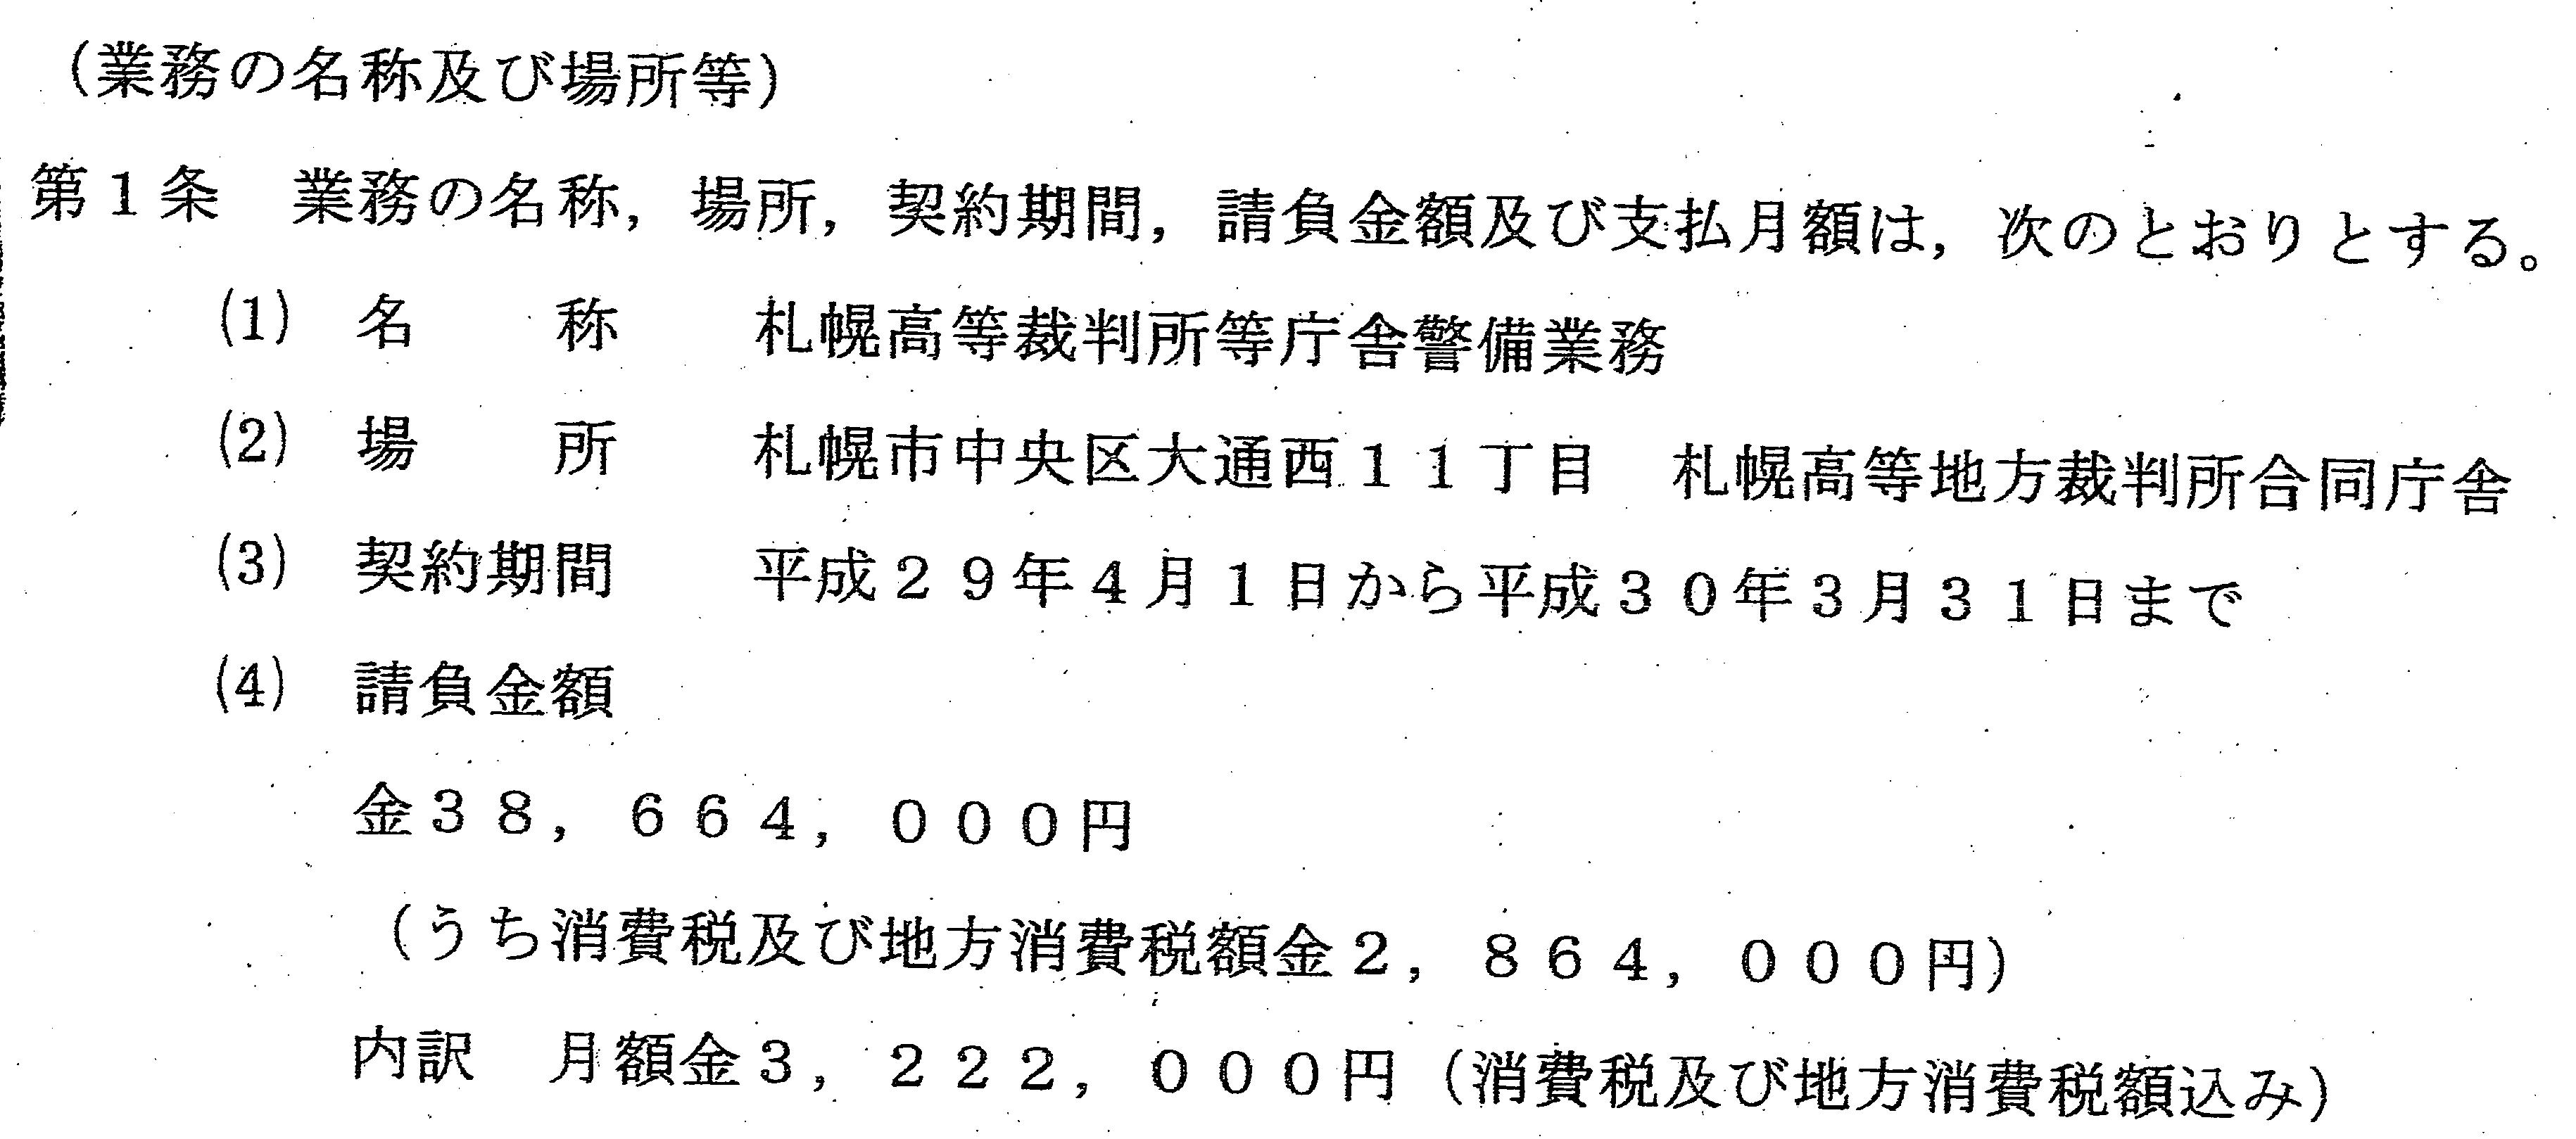 所持品契約書札幌地裁、高裁